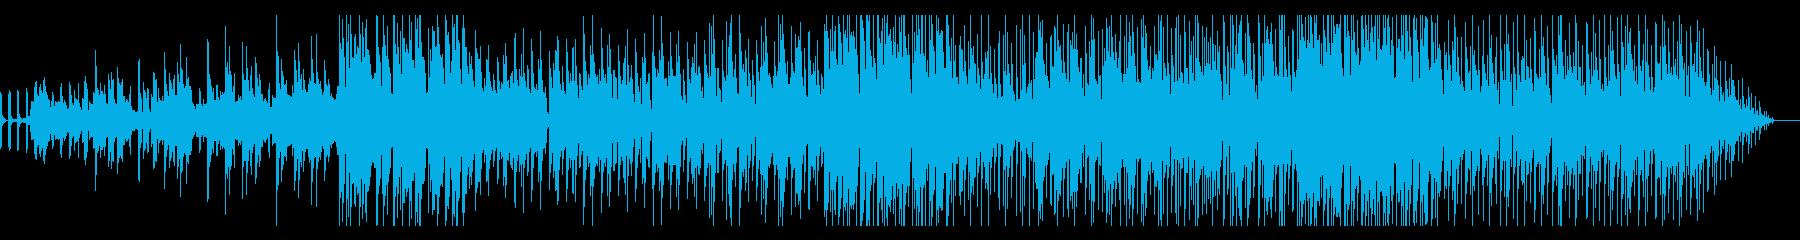 オルガンとクリーンなエレクトリック...の再生済みの波形